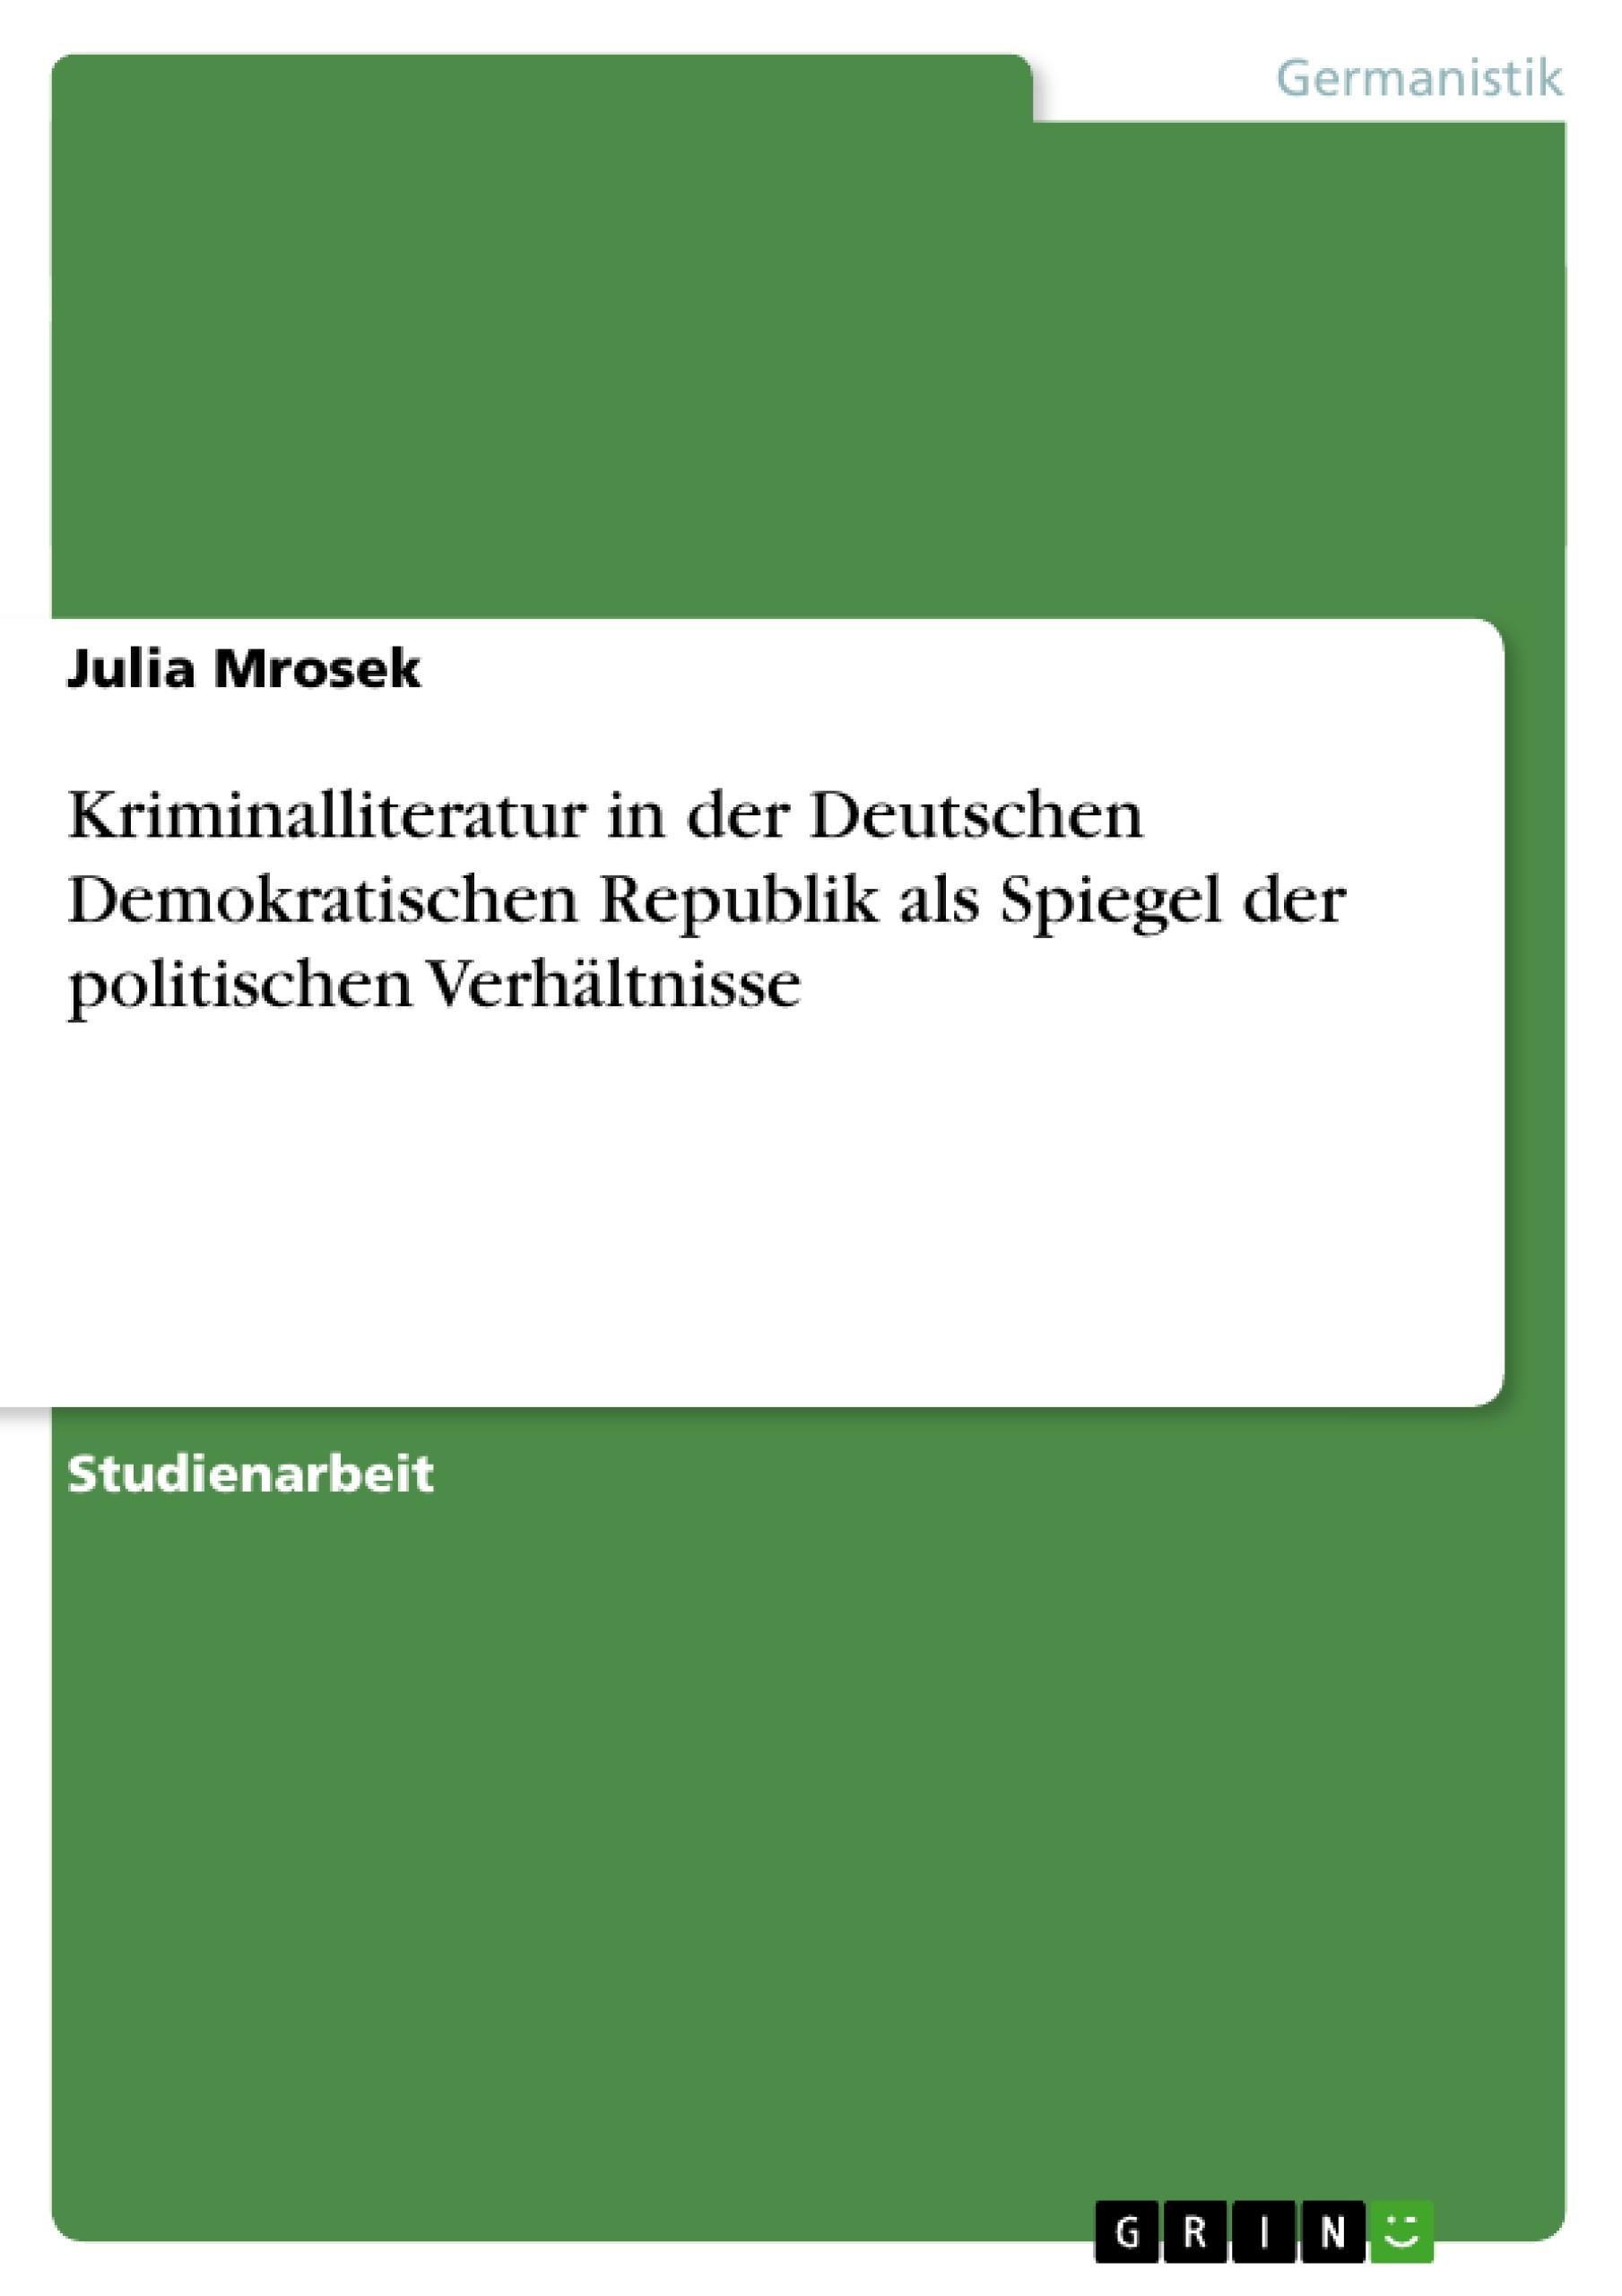 Titel: Kriminalliteratur in der Deutschen Demokratischen Republik als Spiegel der politischen Verhältnisse